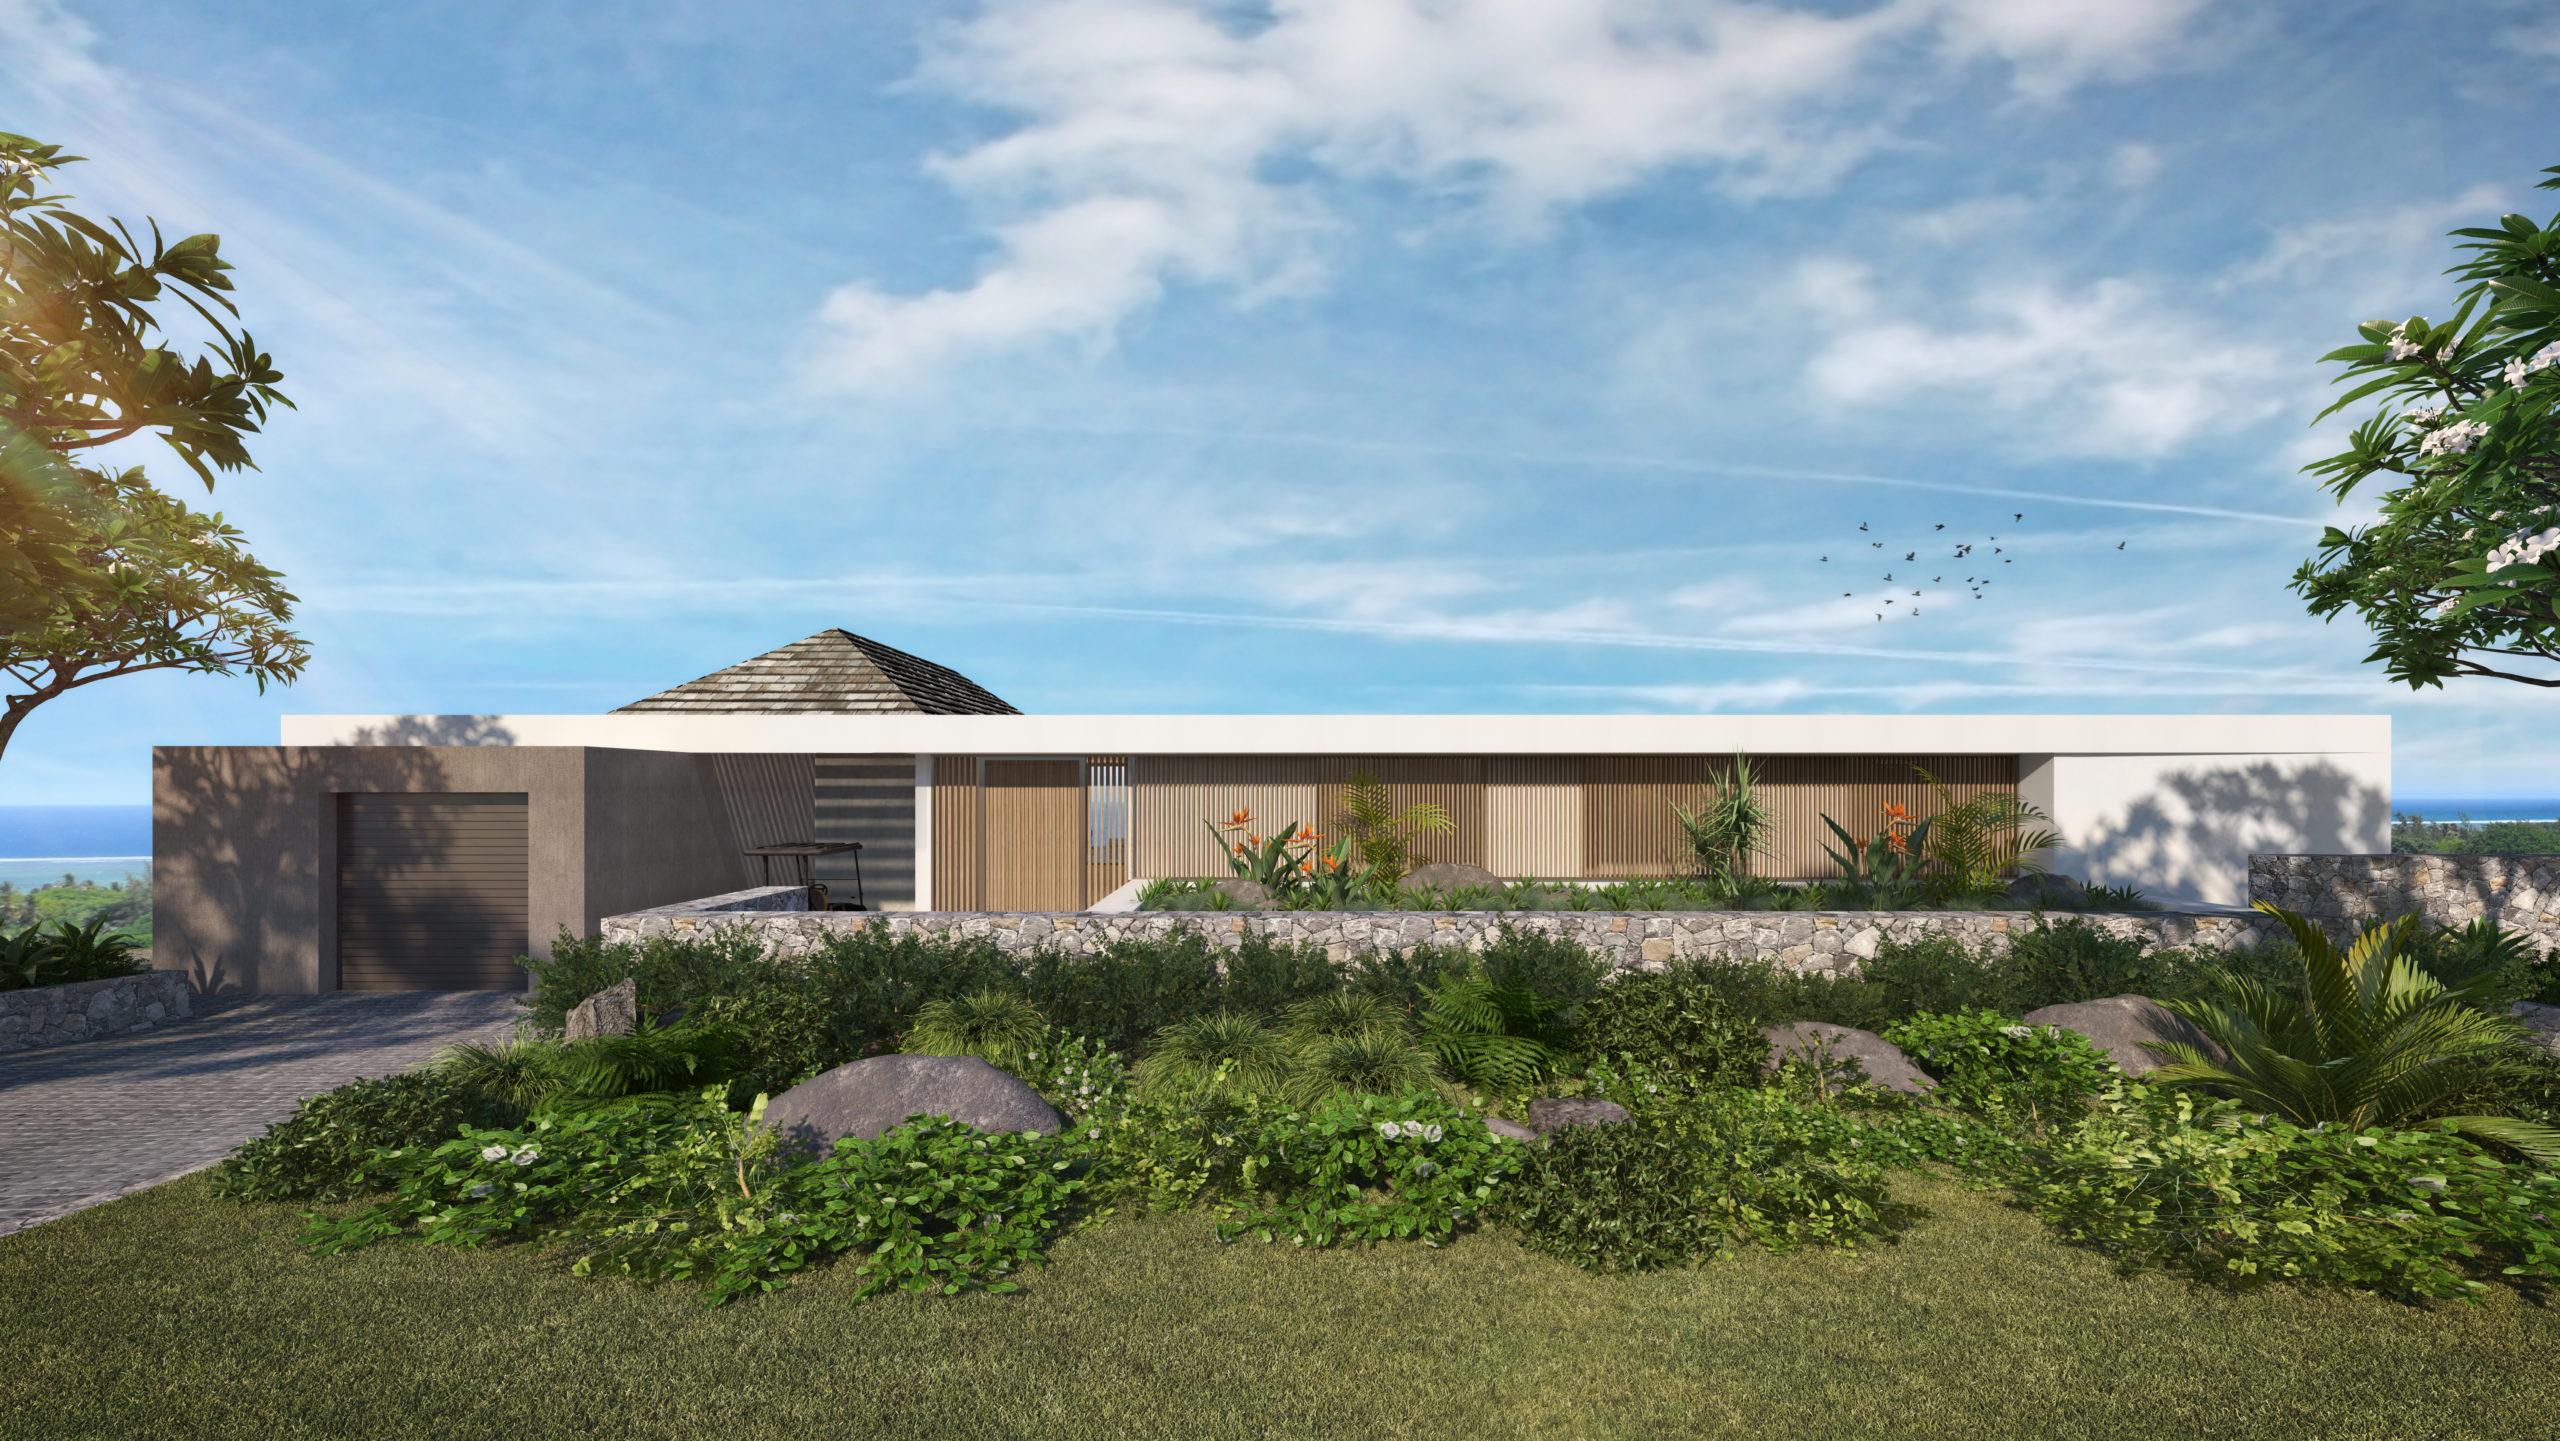 Villas Contemporaines Architecte Greg Scott de Scott + Partners